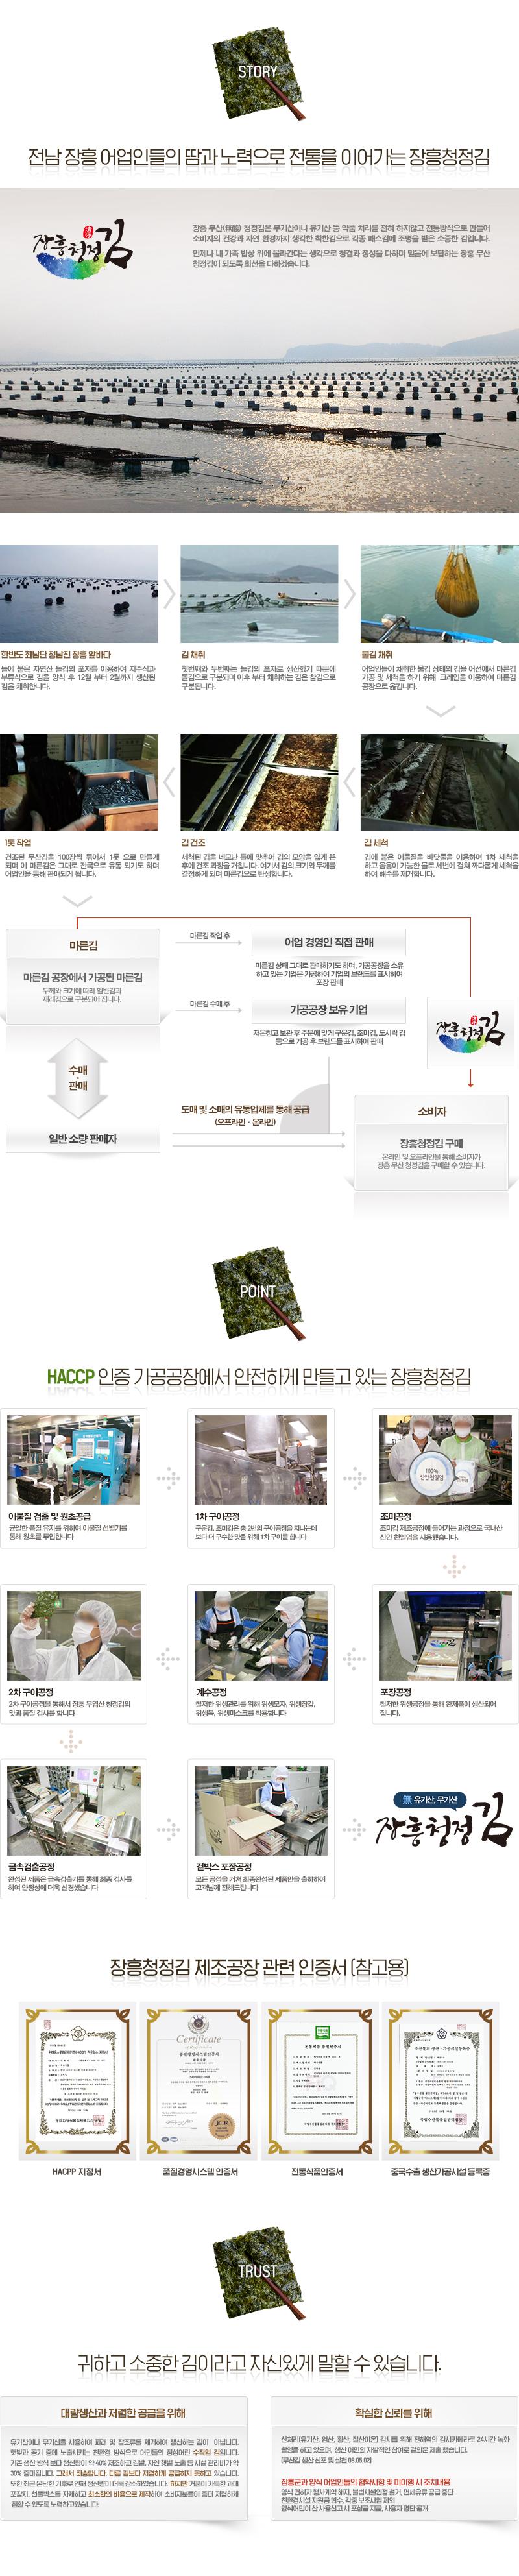 무산김 장흥청정김 행복 5호 선물세트